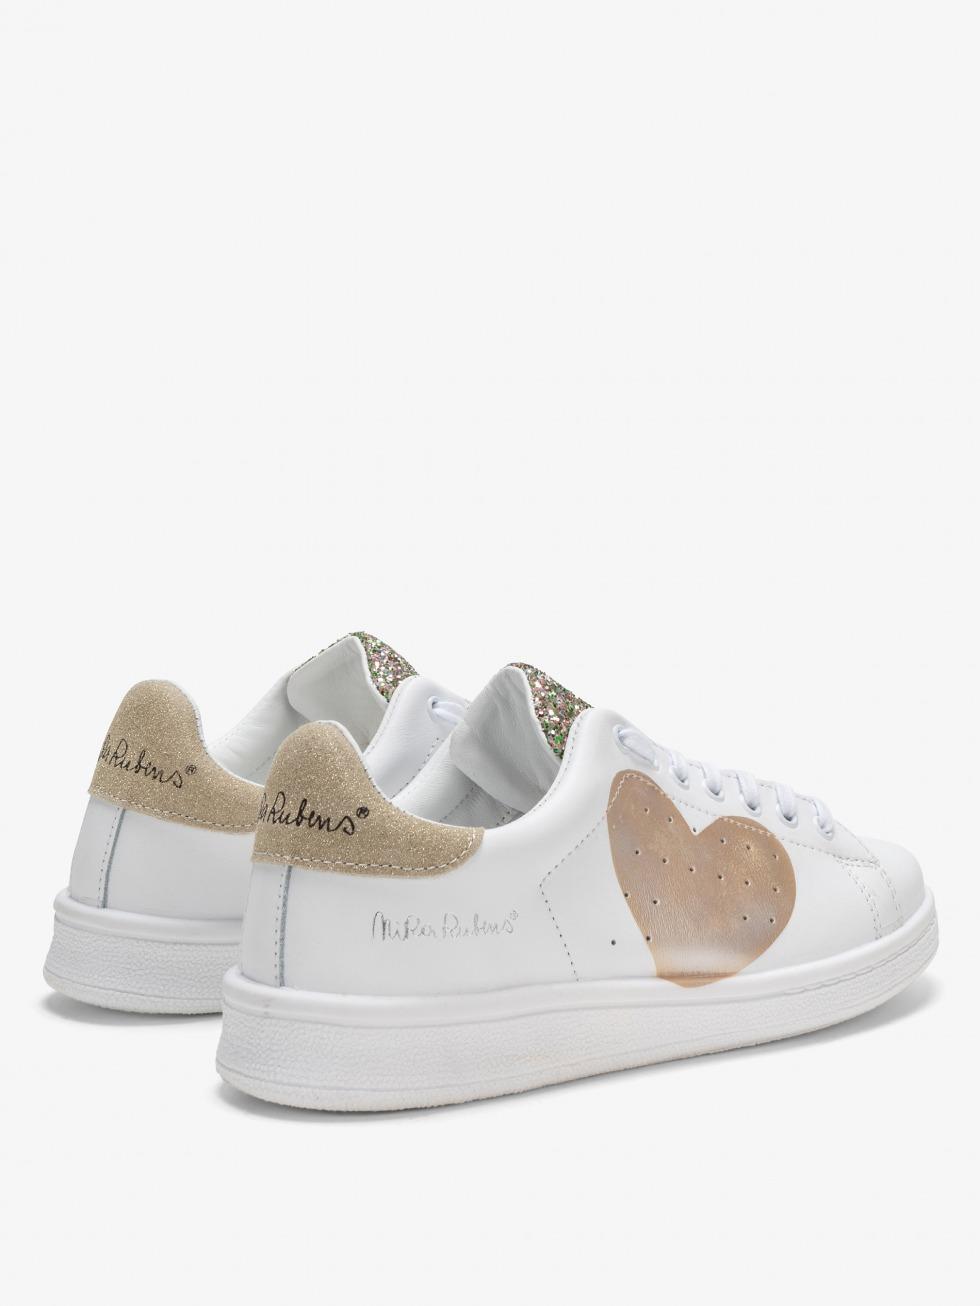 Sneakers Daiquiri - Cuore Shiny Gold